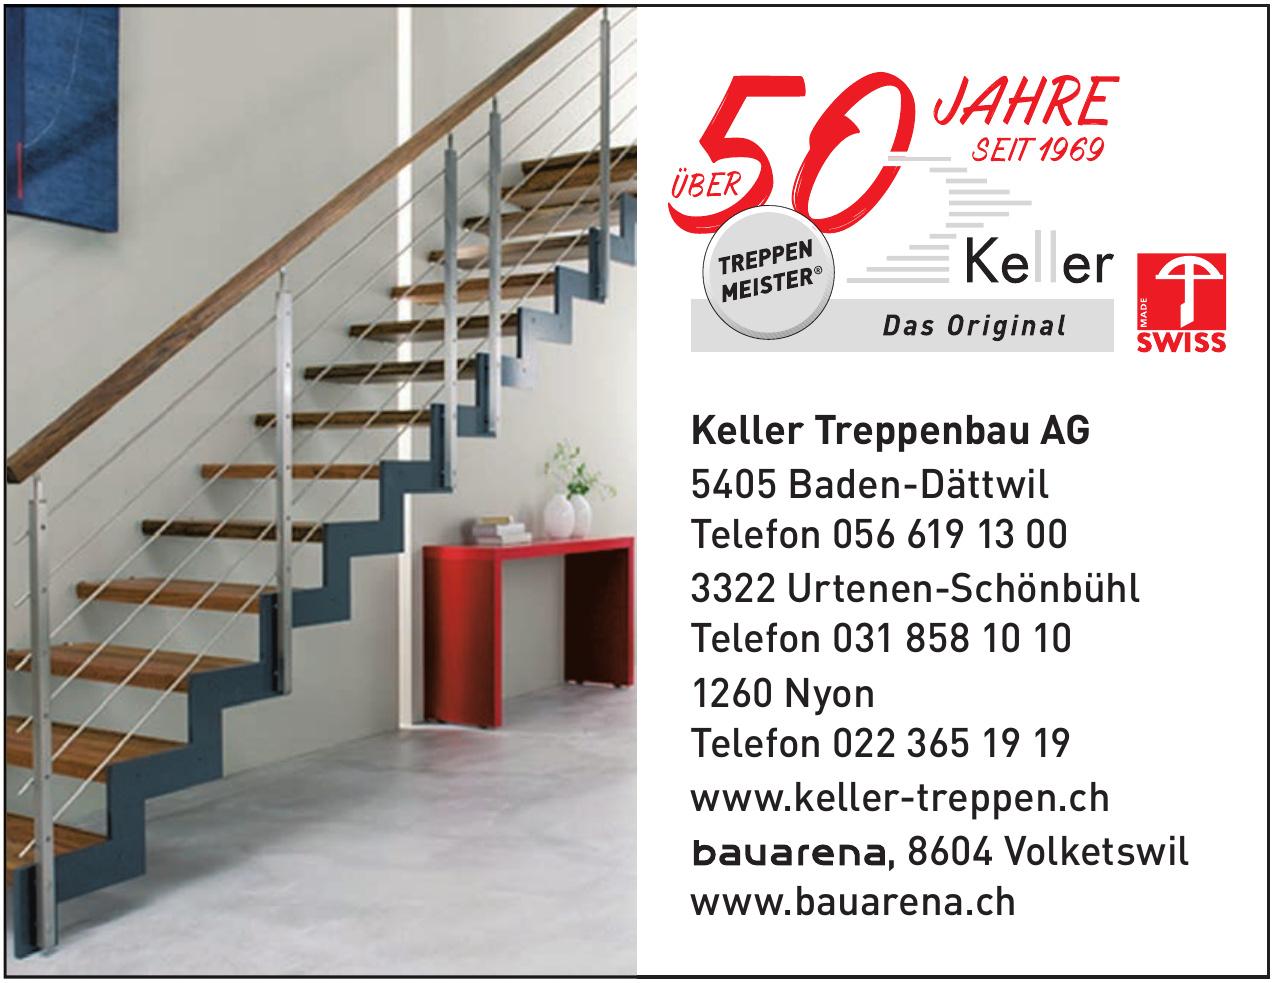 Keller Treppenbau AG